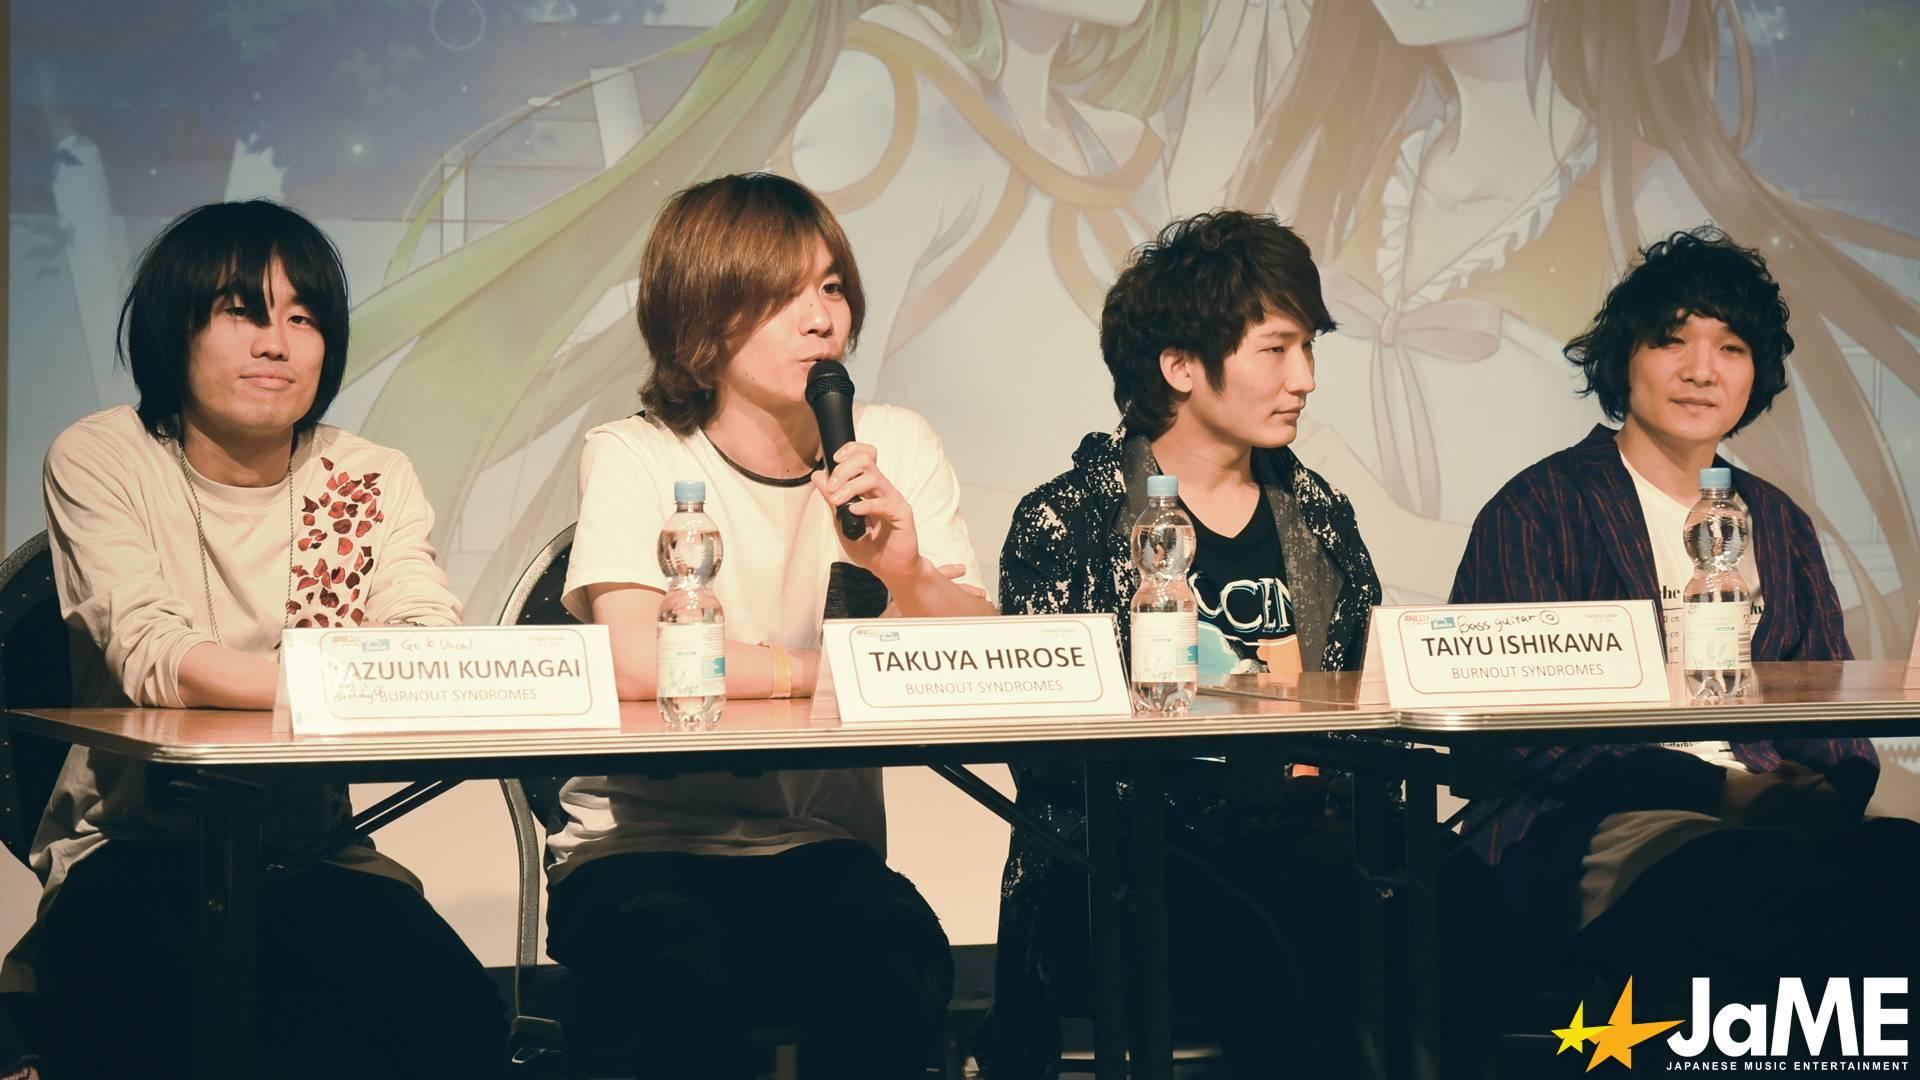 BURNOUT SYNDROMES und Ishizwaki Huwie beim letzten Q&A der Animesse 2019